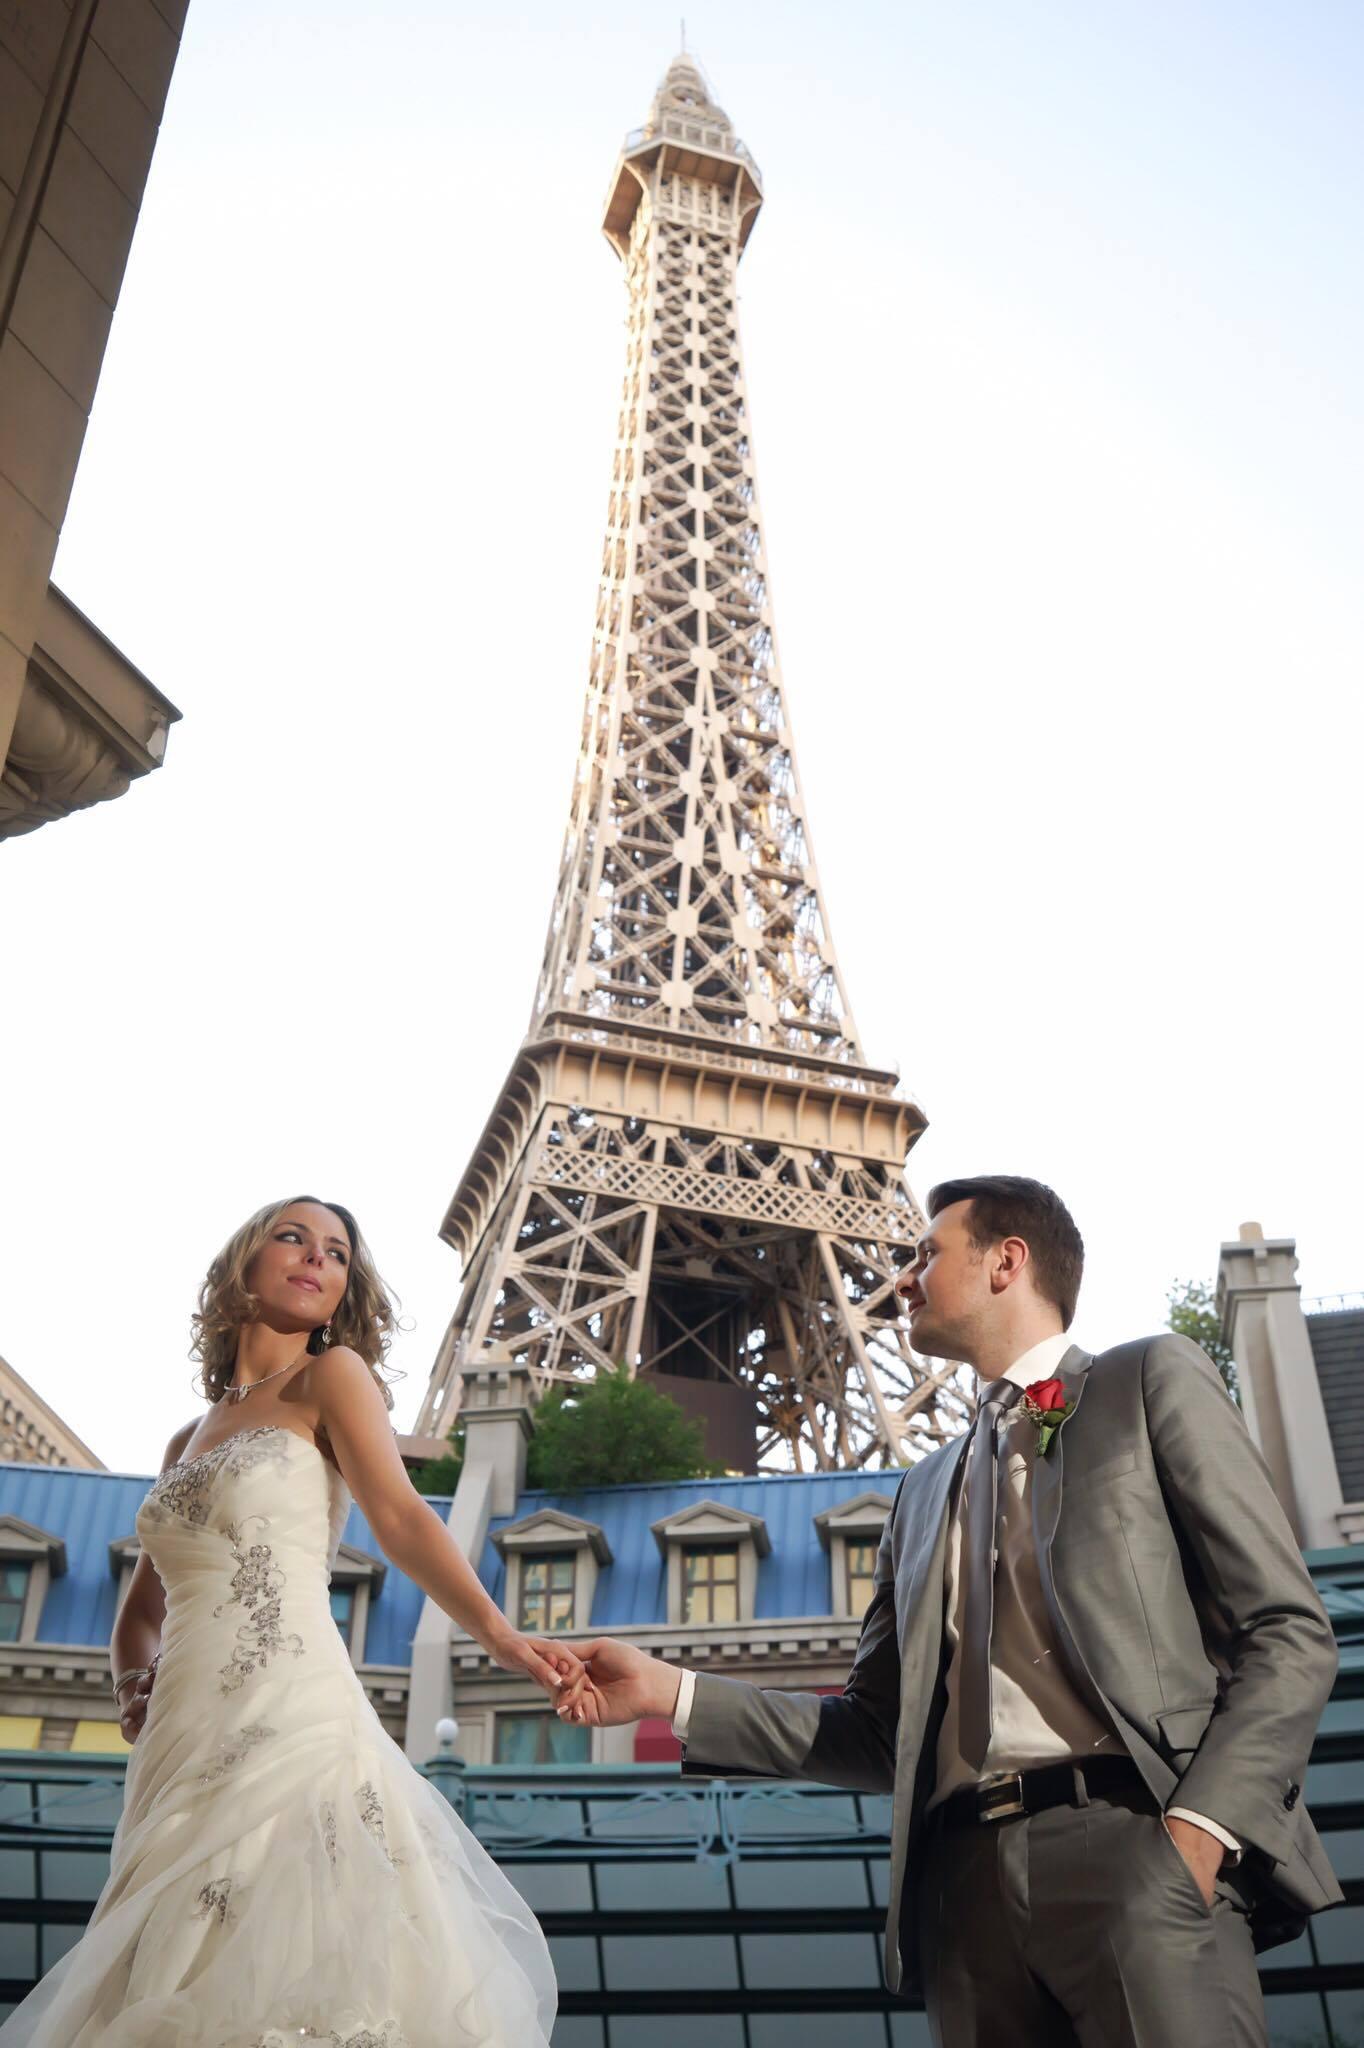 Ergänzende Leistungen zur Las Vegas Hochzeit - Heiraten in Las Vegas ...